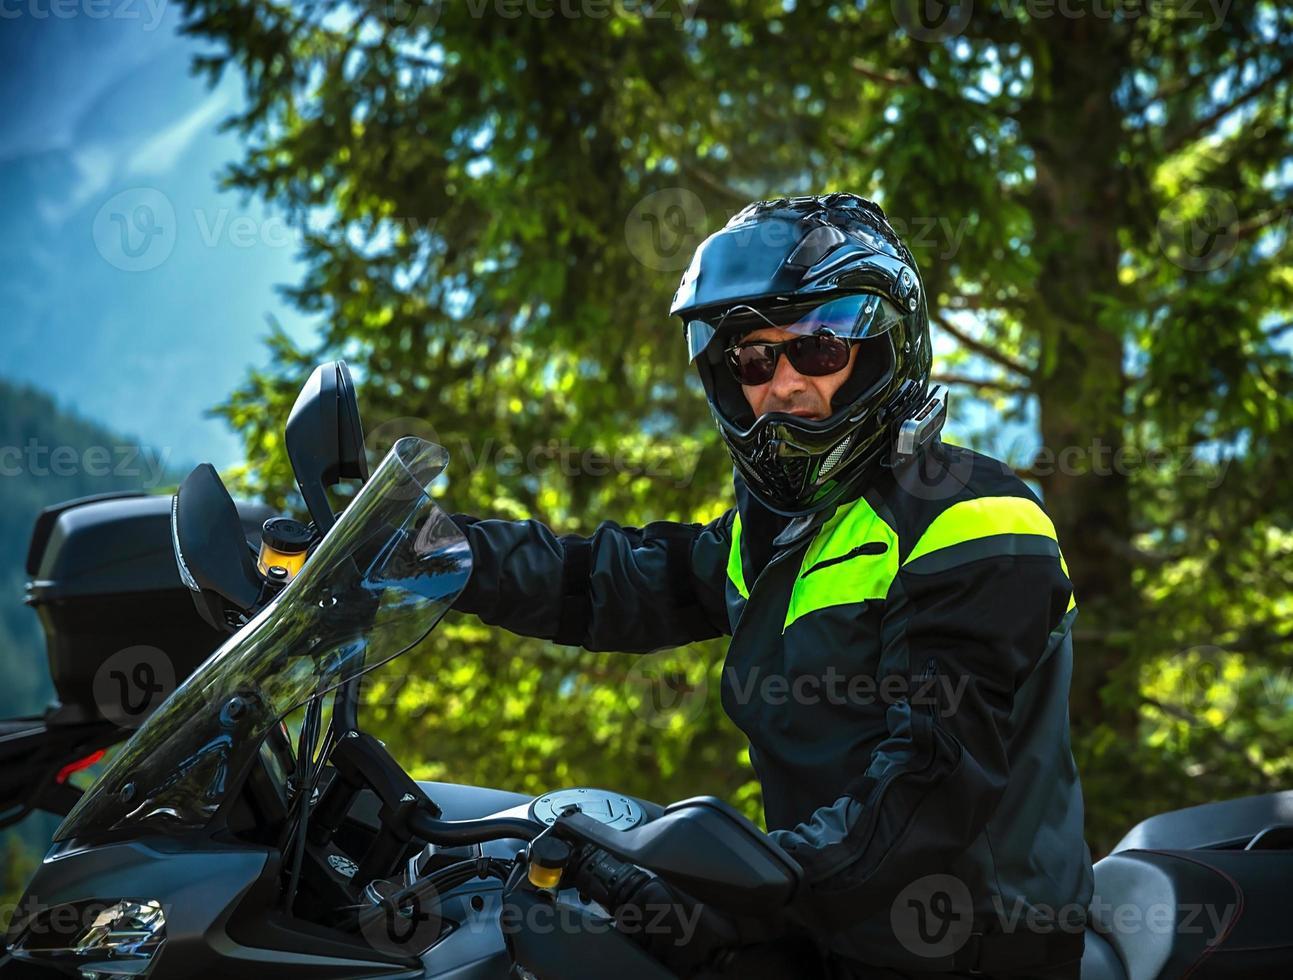 Bikerporträt foto